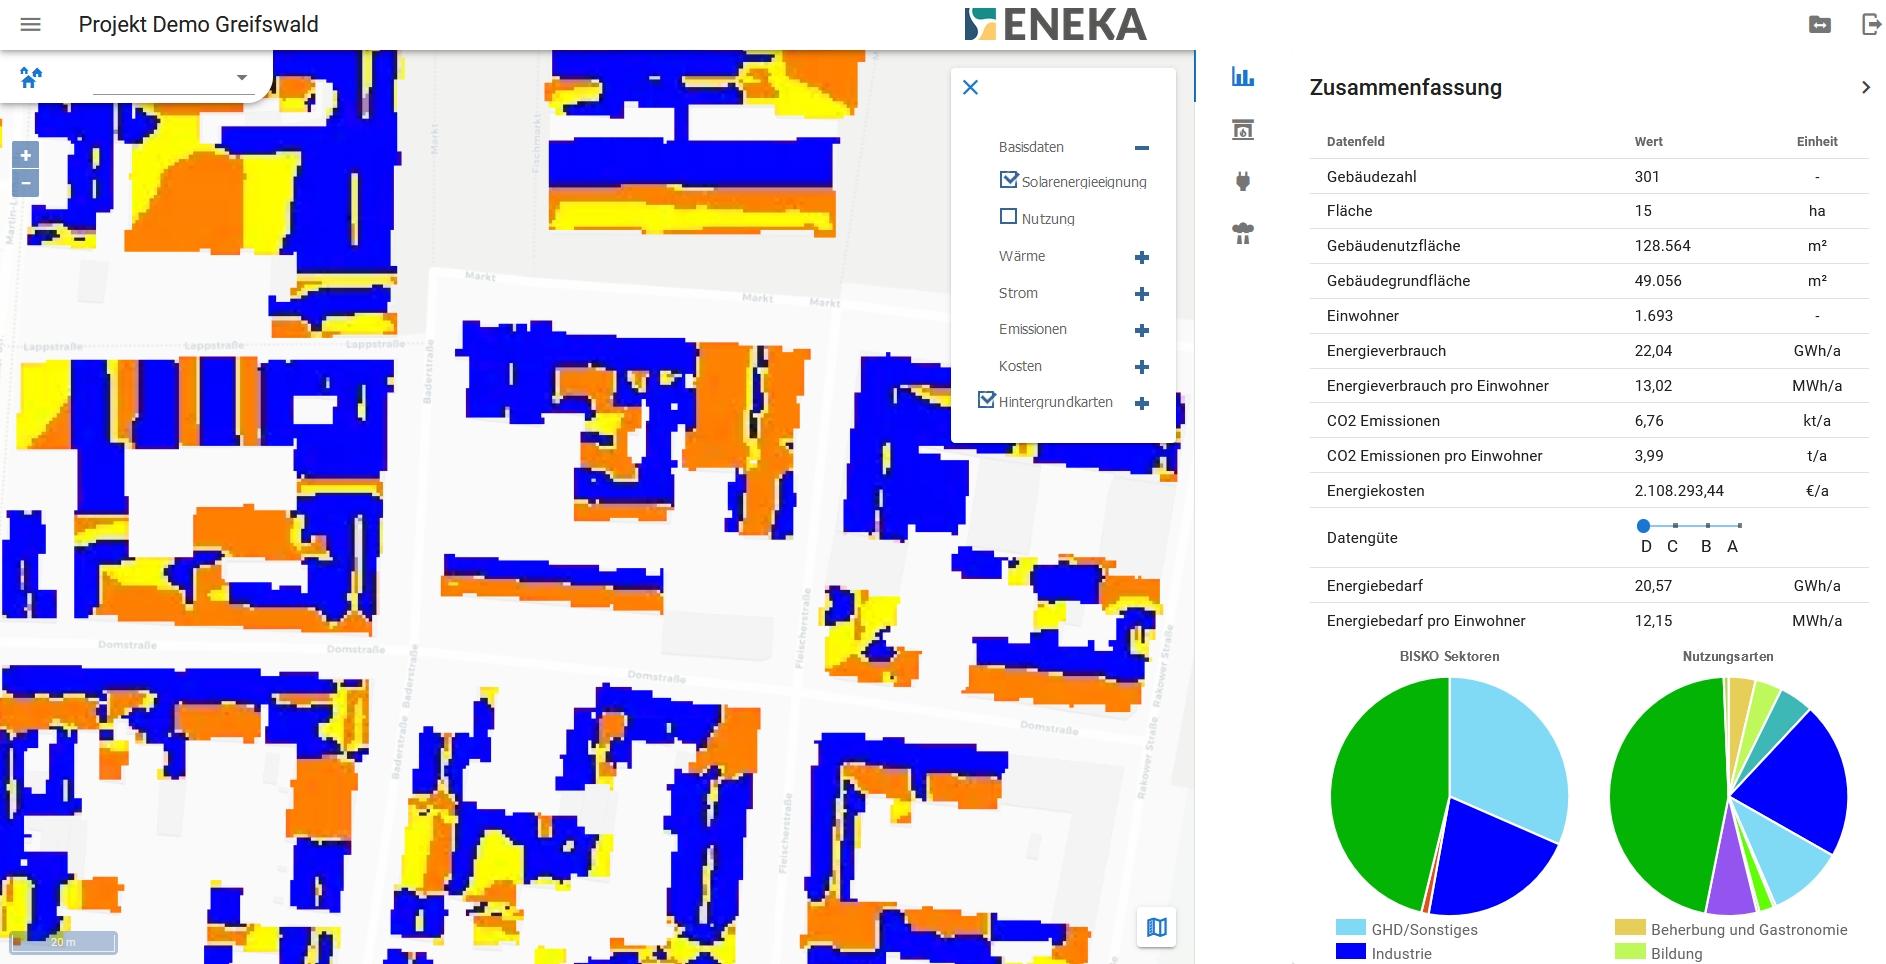 Greifswald Karte Energie Solar Potential